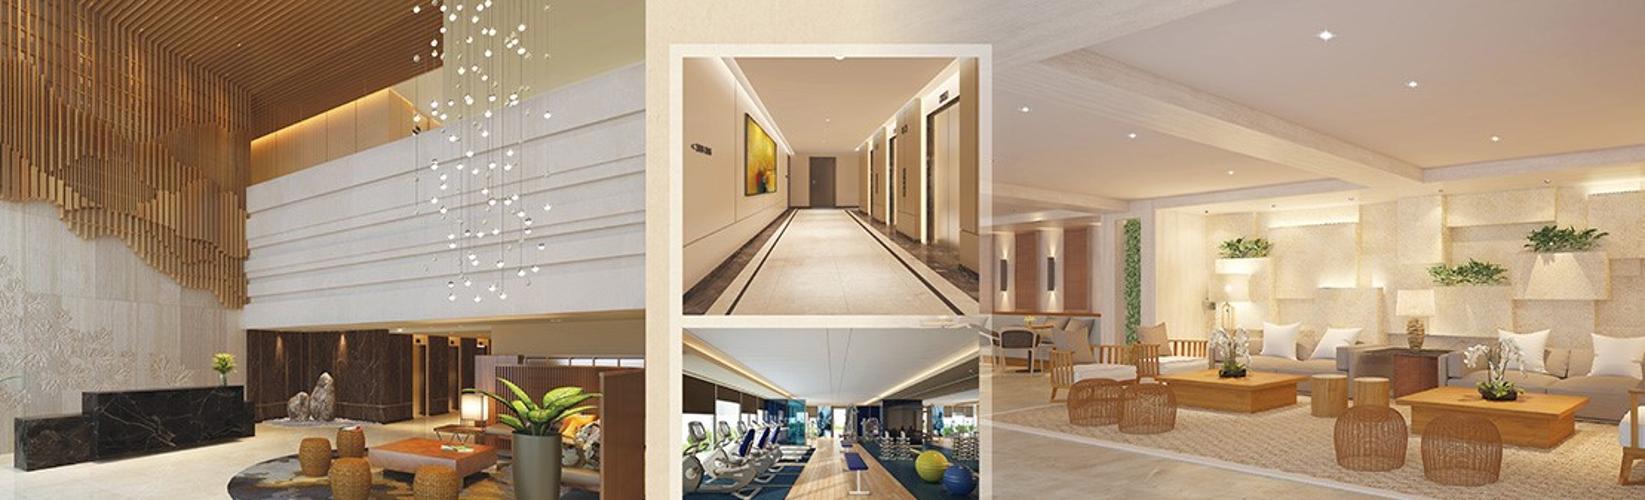 Tiện ích Happy Residence Căn hộ Happy Residence hướng Tây Bắc, nội thất cao cấp.